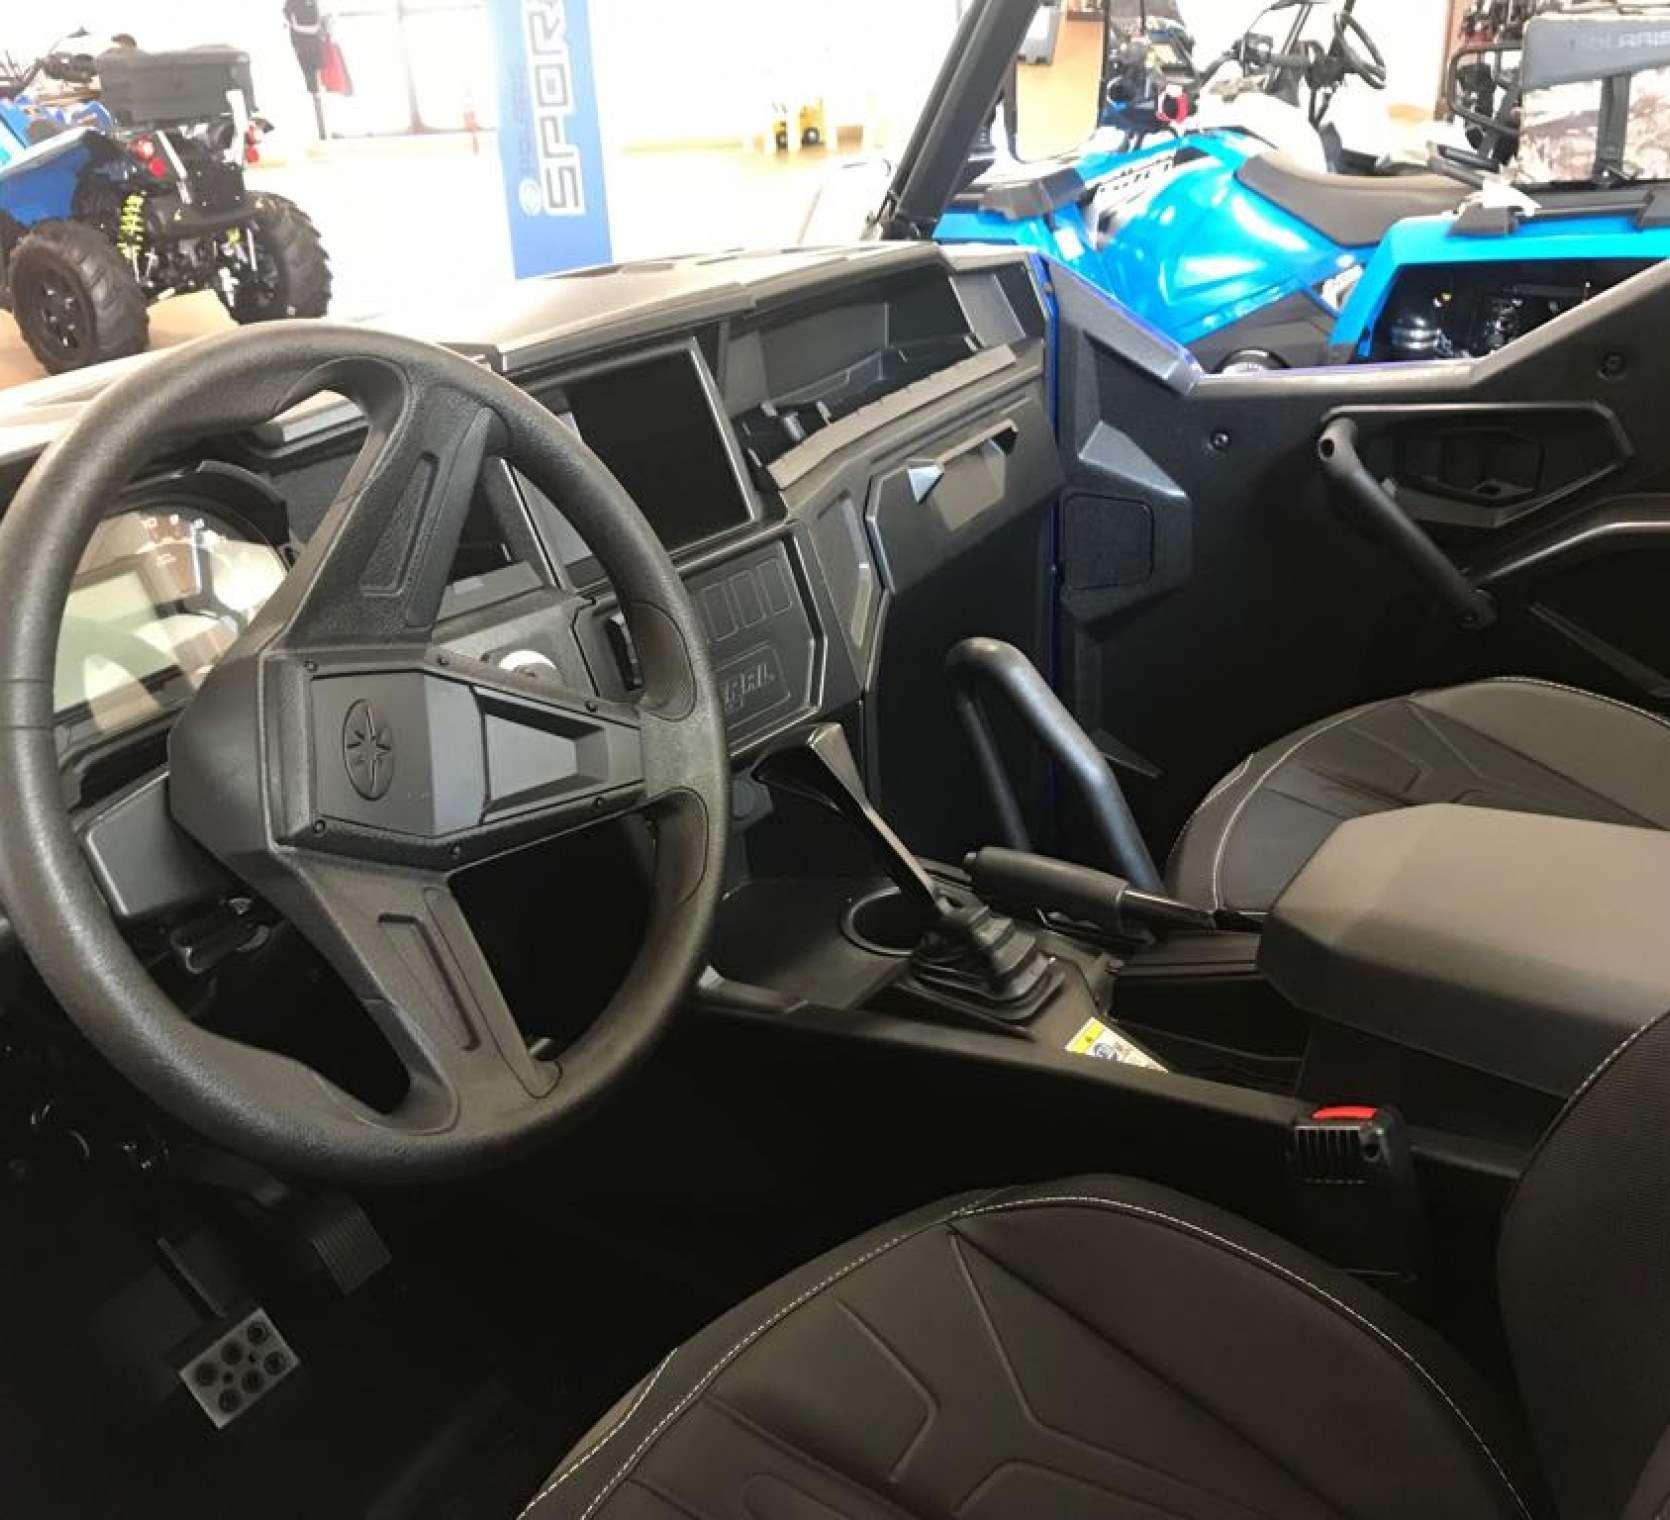 Wnętrze ciągnika rolniczego Polaris General 1000 XP widok na fotel kierowcy i pasażera oraz kierownicę